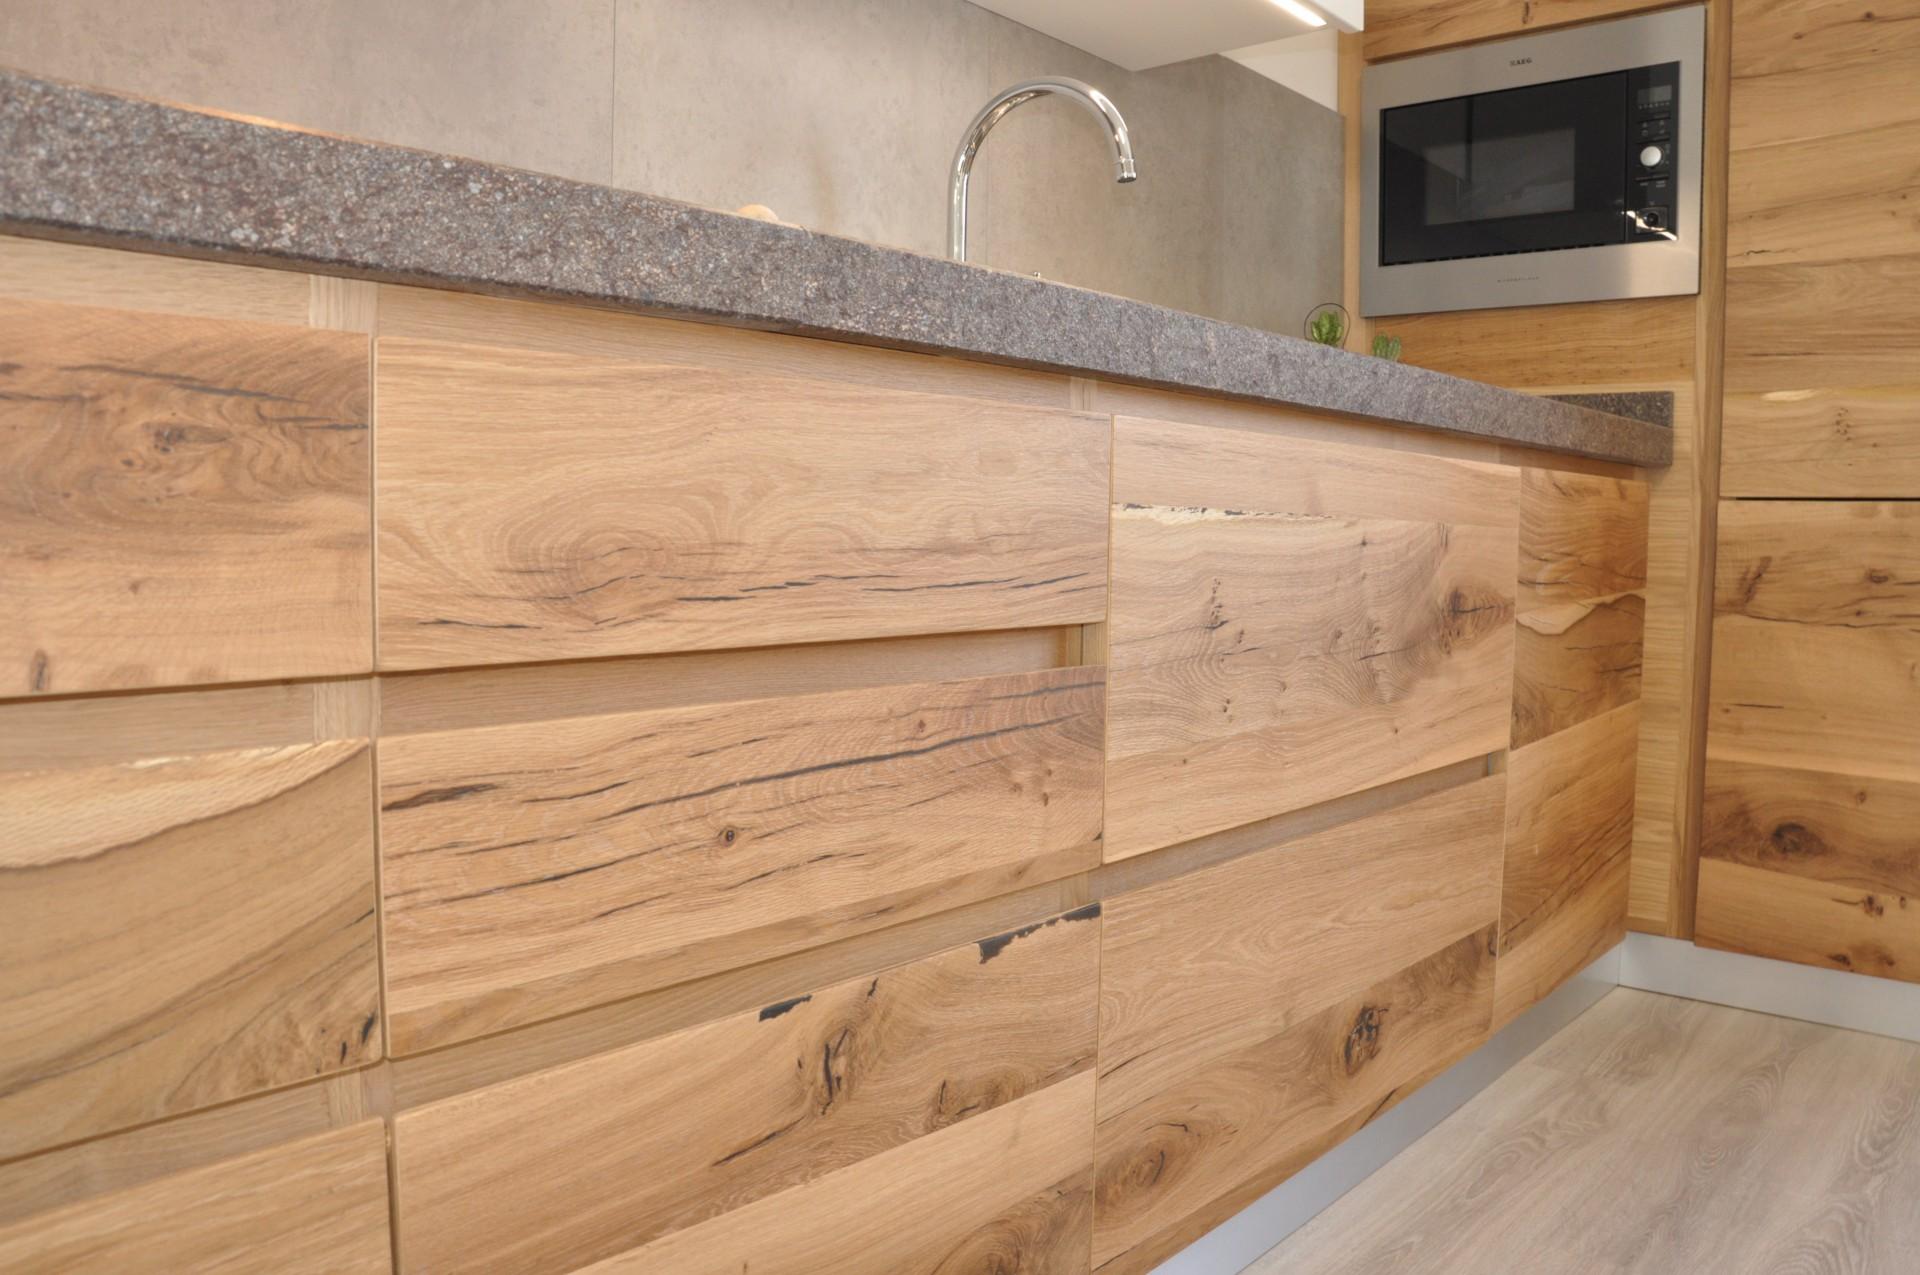 Cucina artigianale in legno. | Fadini Mobili Cerea Verona